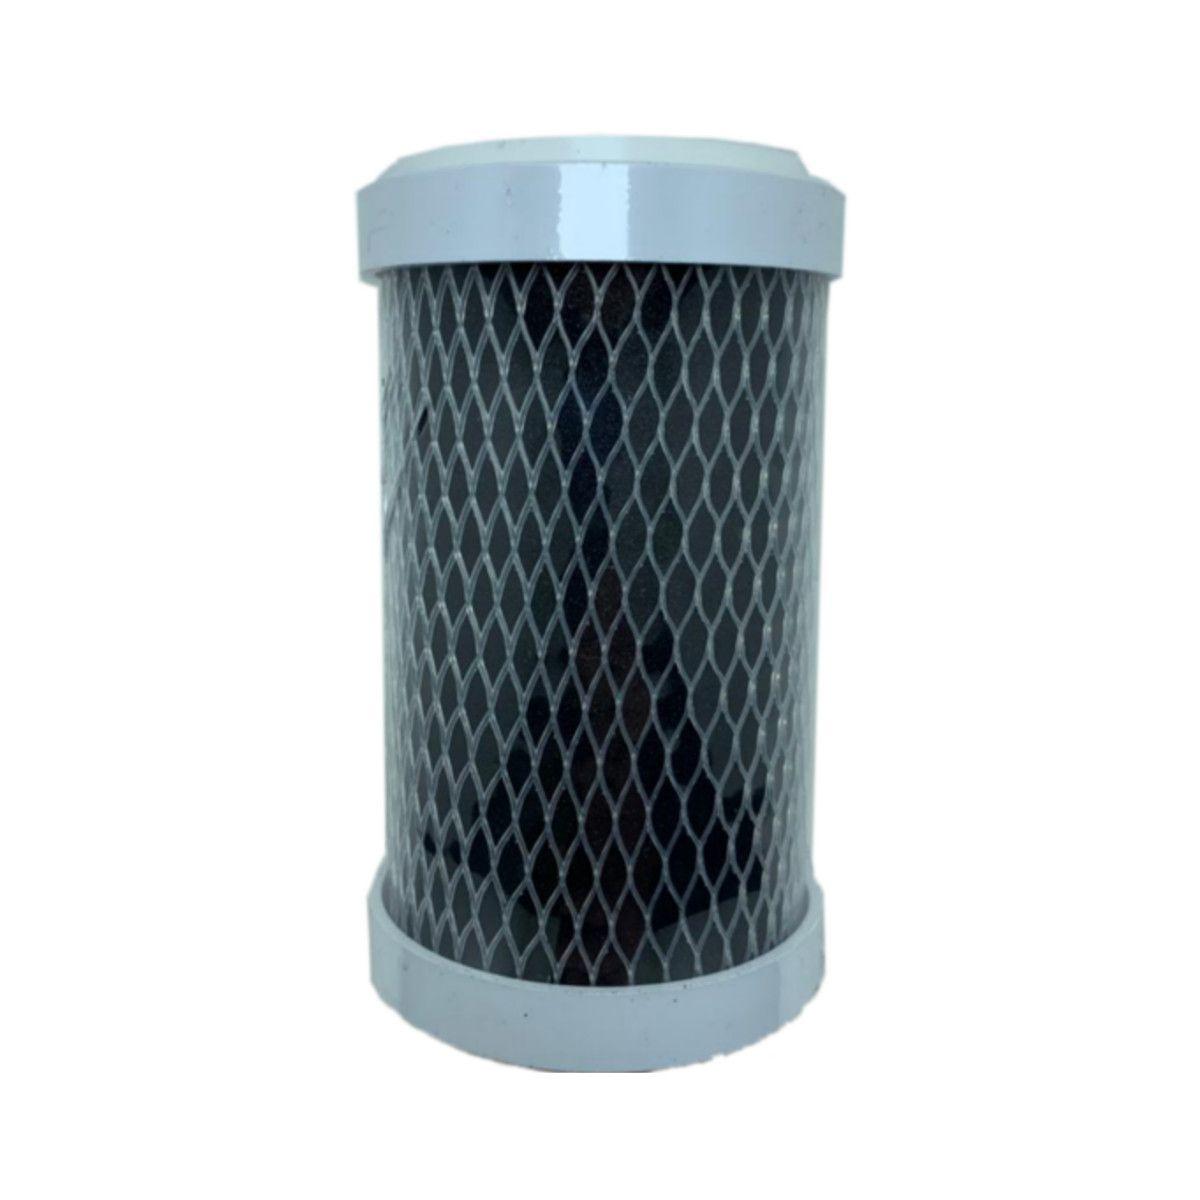 Filtro Torneira Transparente Carvão Pou 5.3/4 - BRINDE Refil